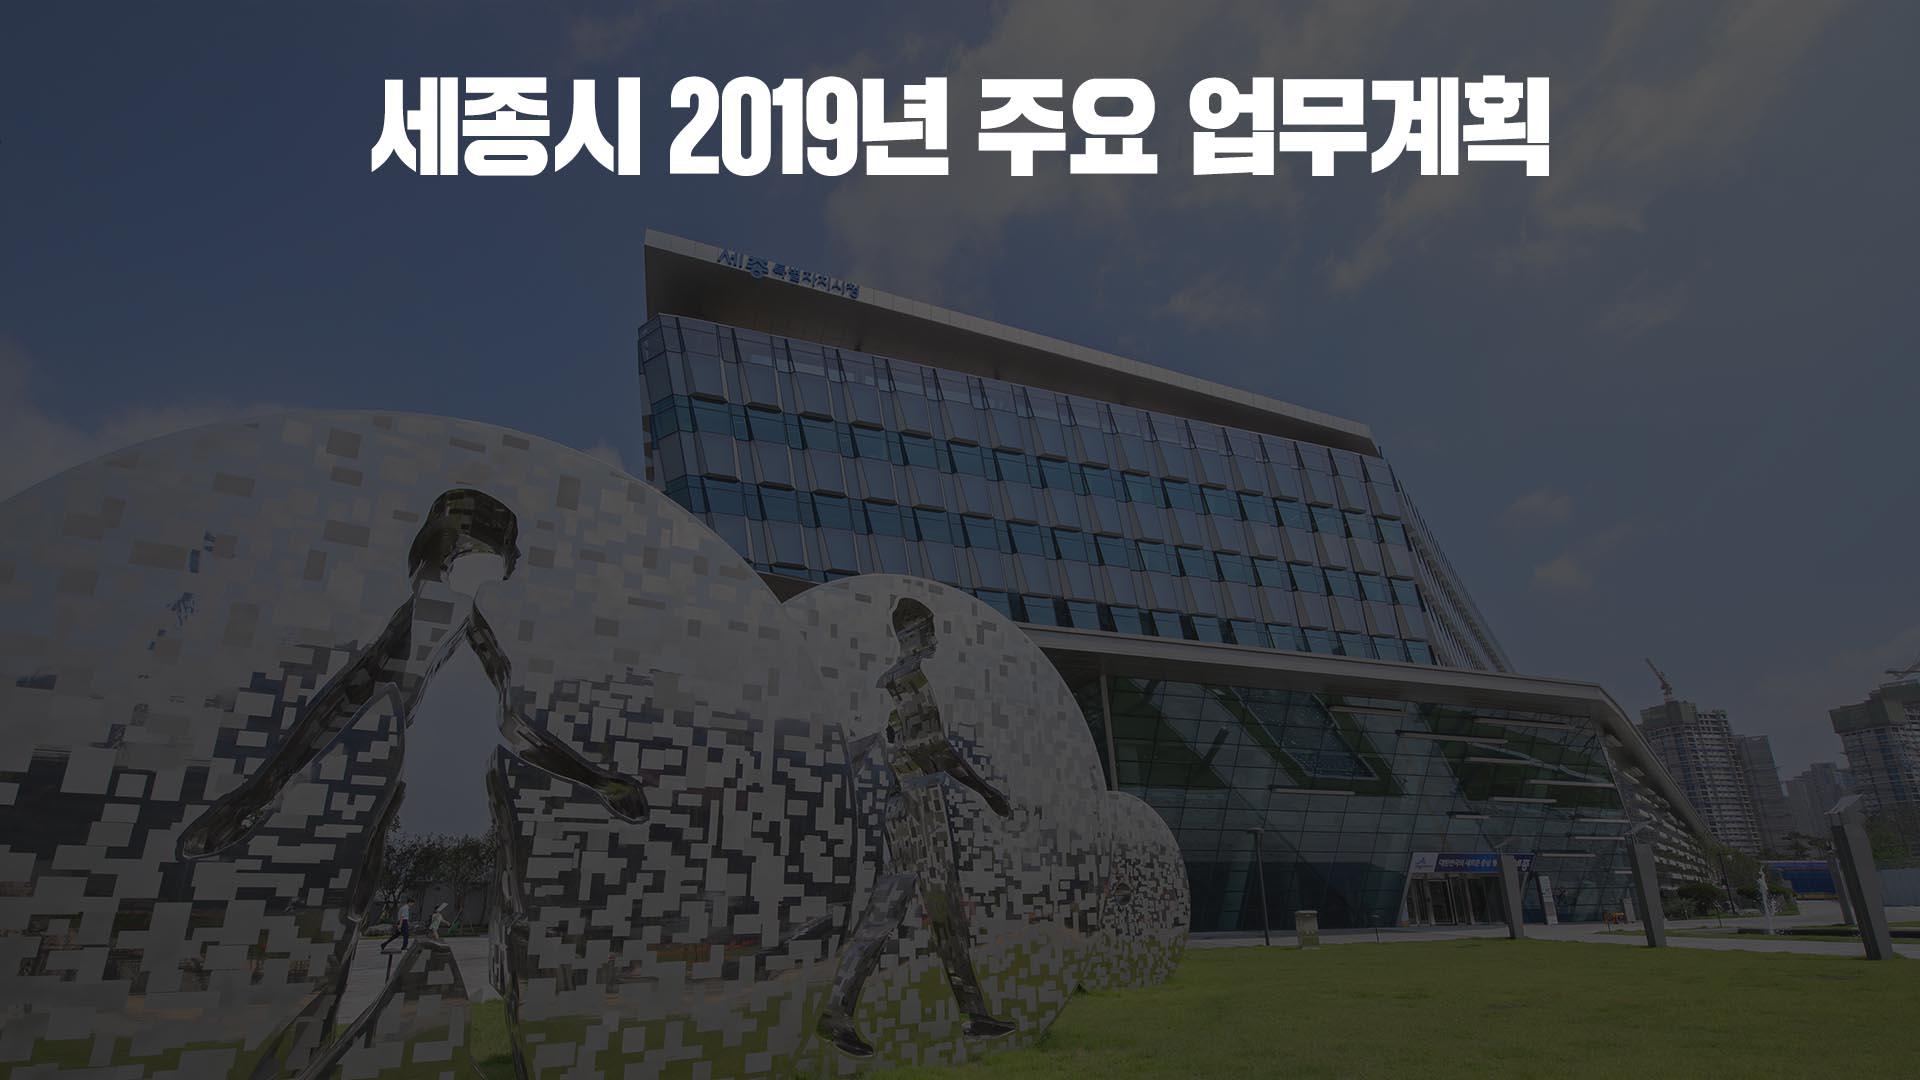 2019년 주요업무계획 영상